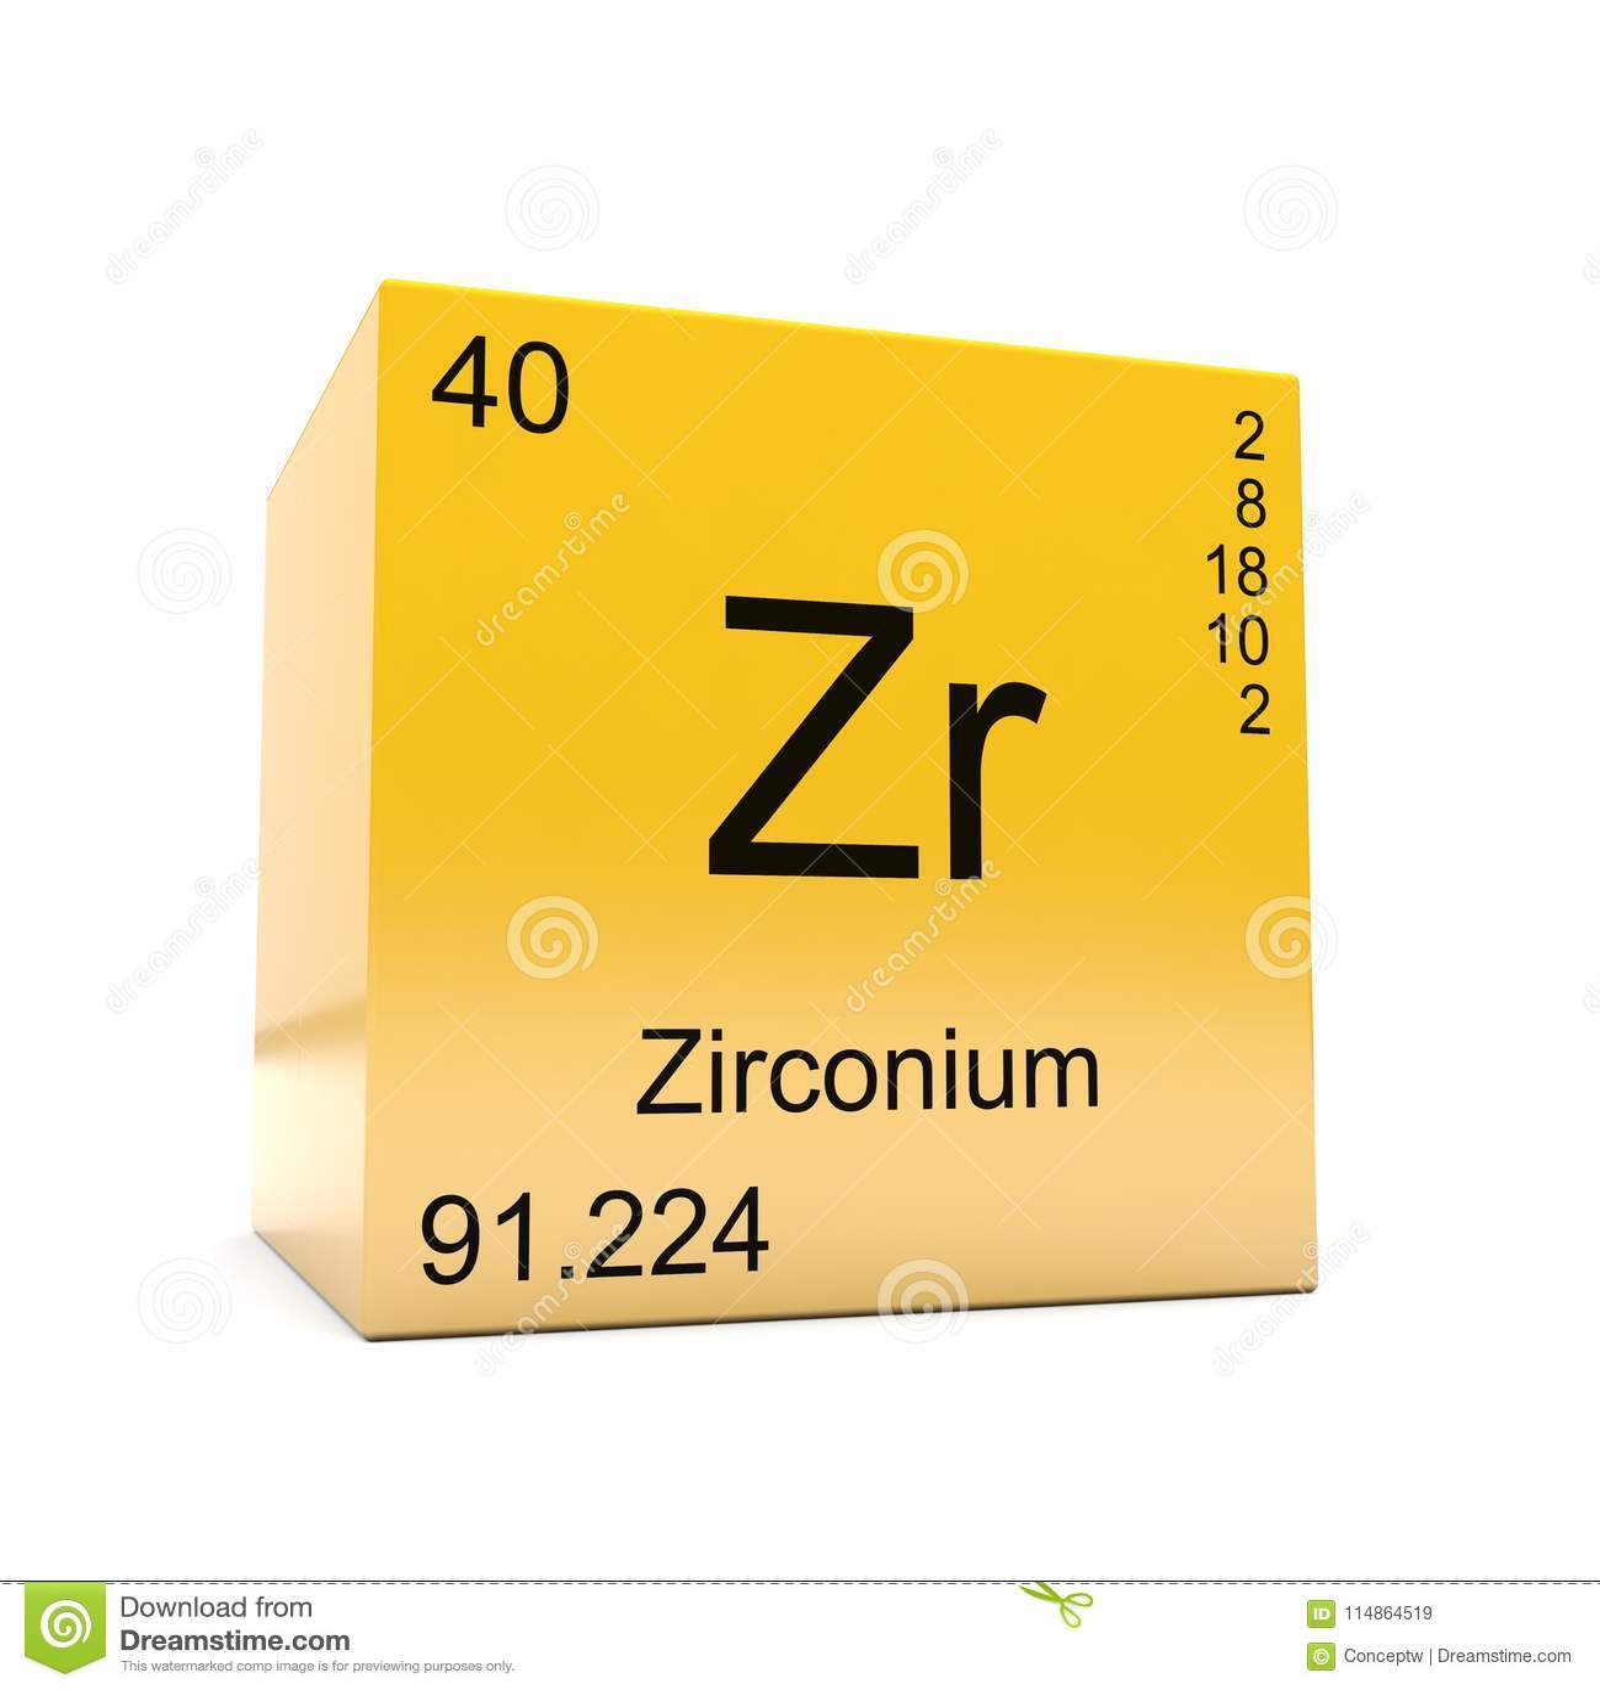 Smbolo del elemento qumico del circonio de la tabla peridica download smbolo del elemento qumico del circonio de la tabla peridica stock de ilustracin ilustracin urtaz Choice Image